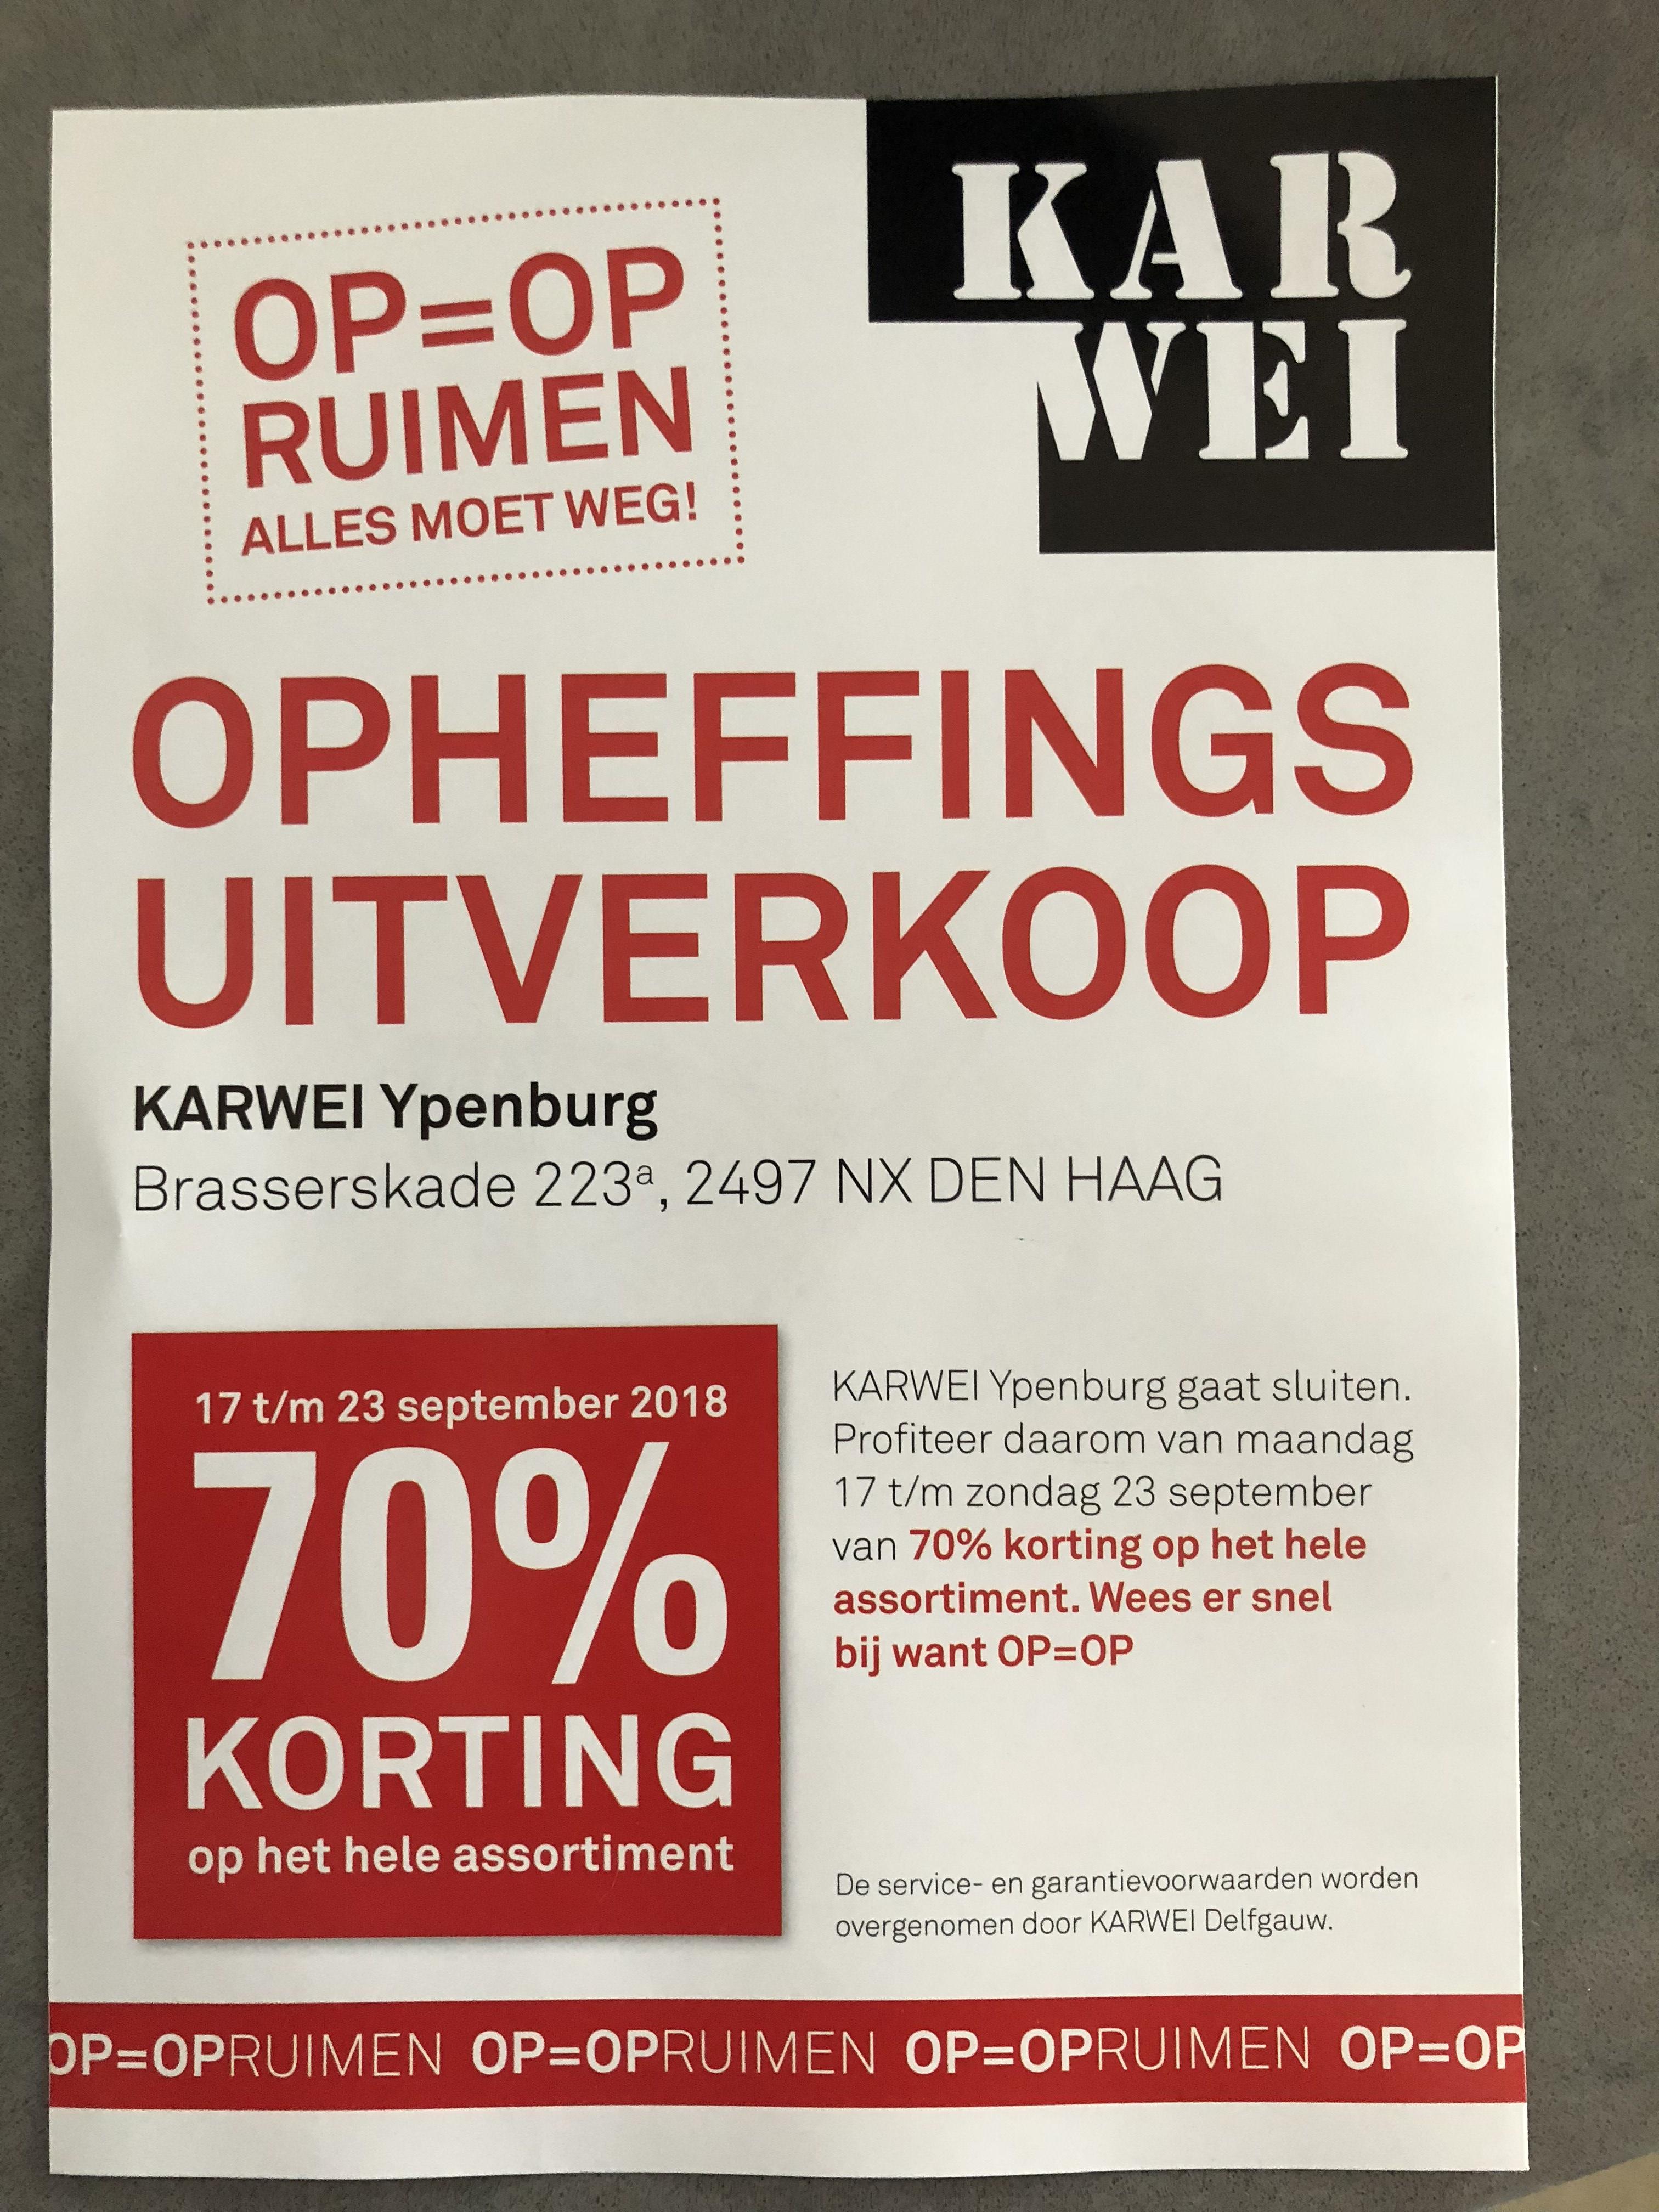 Opheffingsuitverkoop Karwei Ypenburg NU 70% korting op alles!